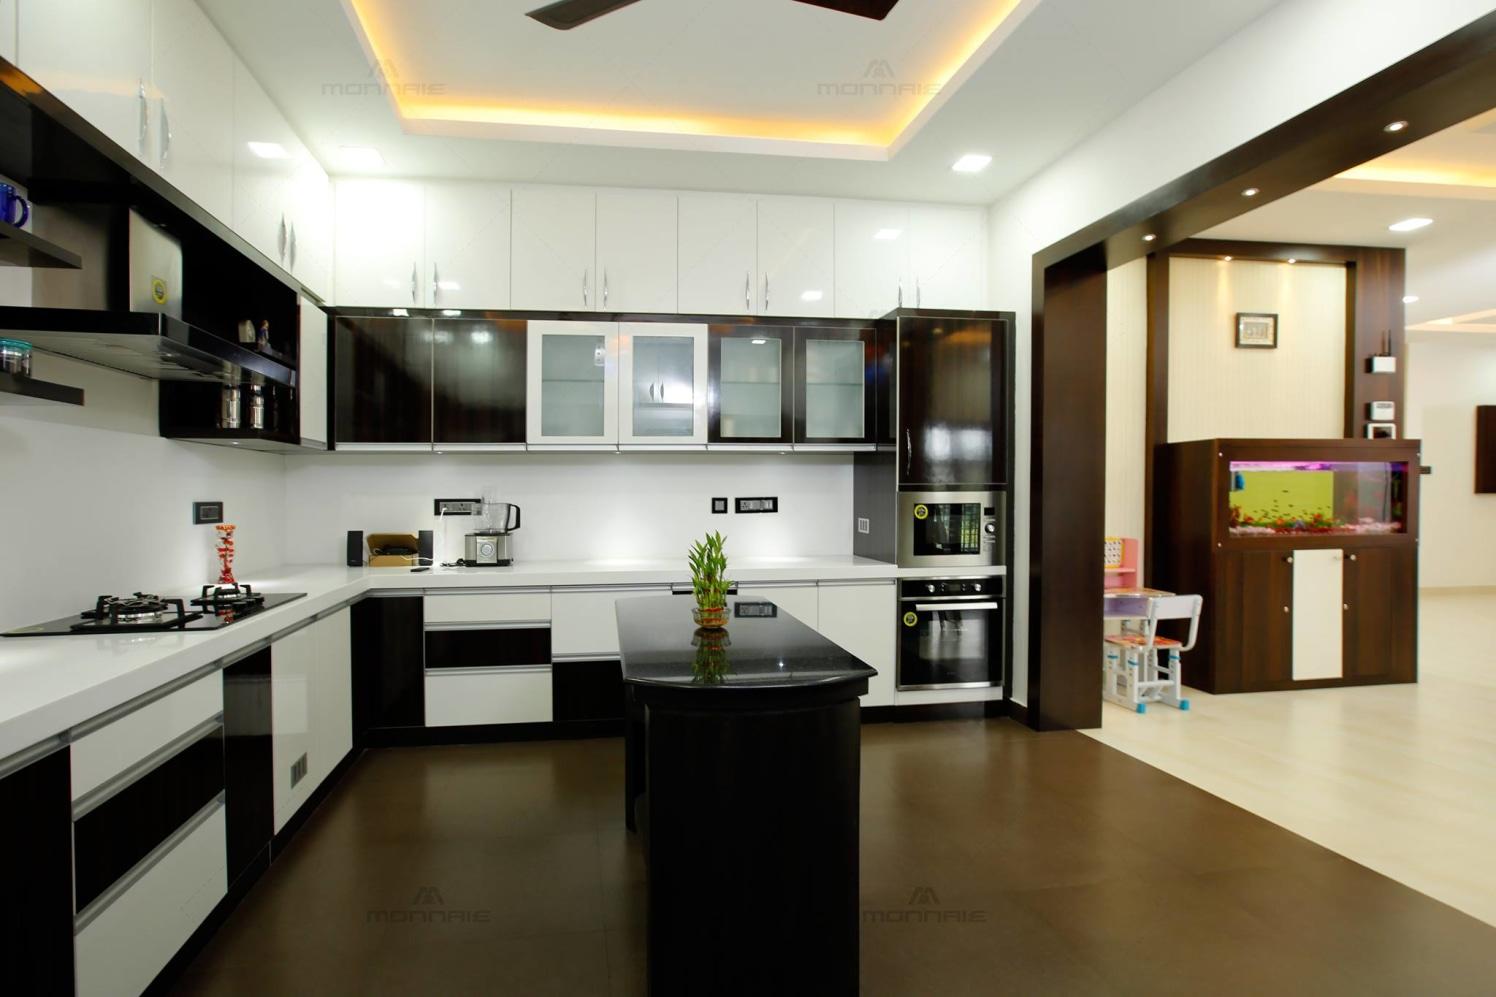 Modern modular L shaped kitchen by Monnaie Architects Modular-kitchen Modern | Interior Design Photos & Ideas